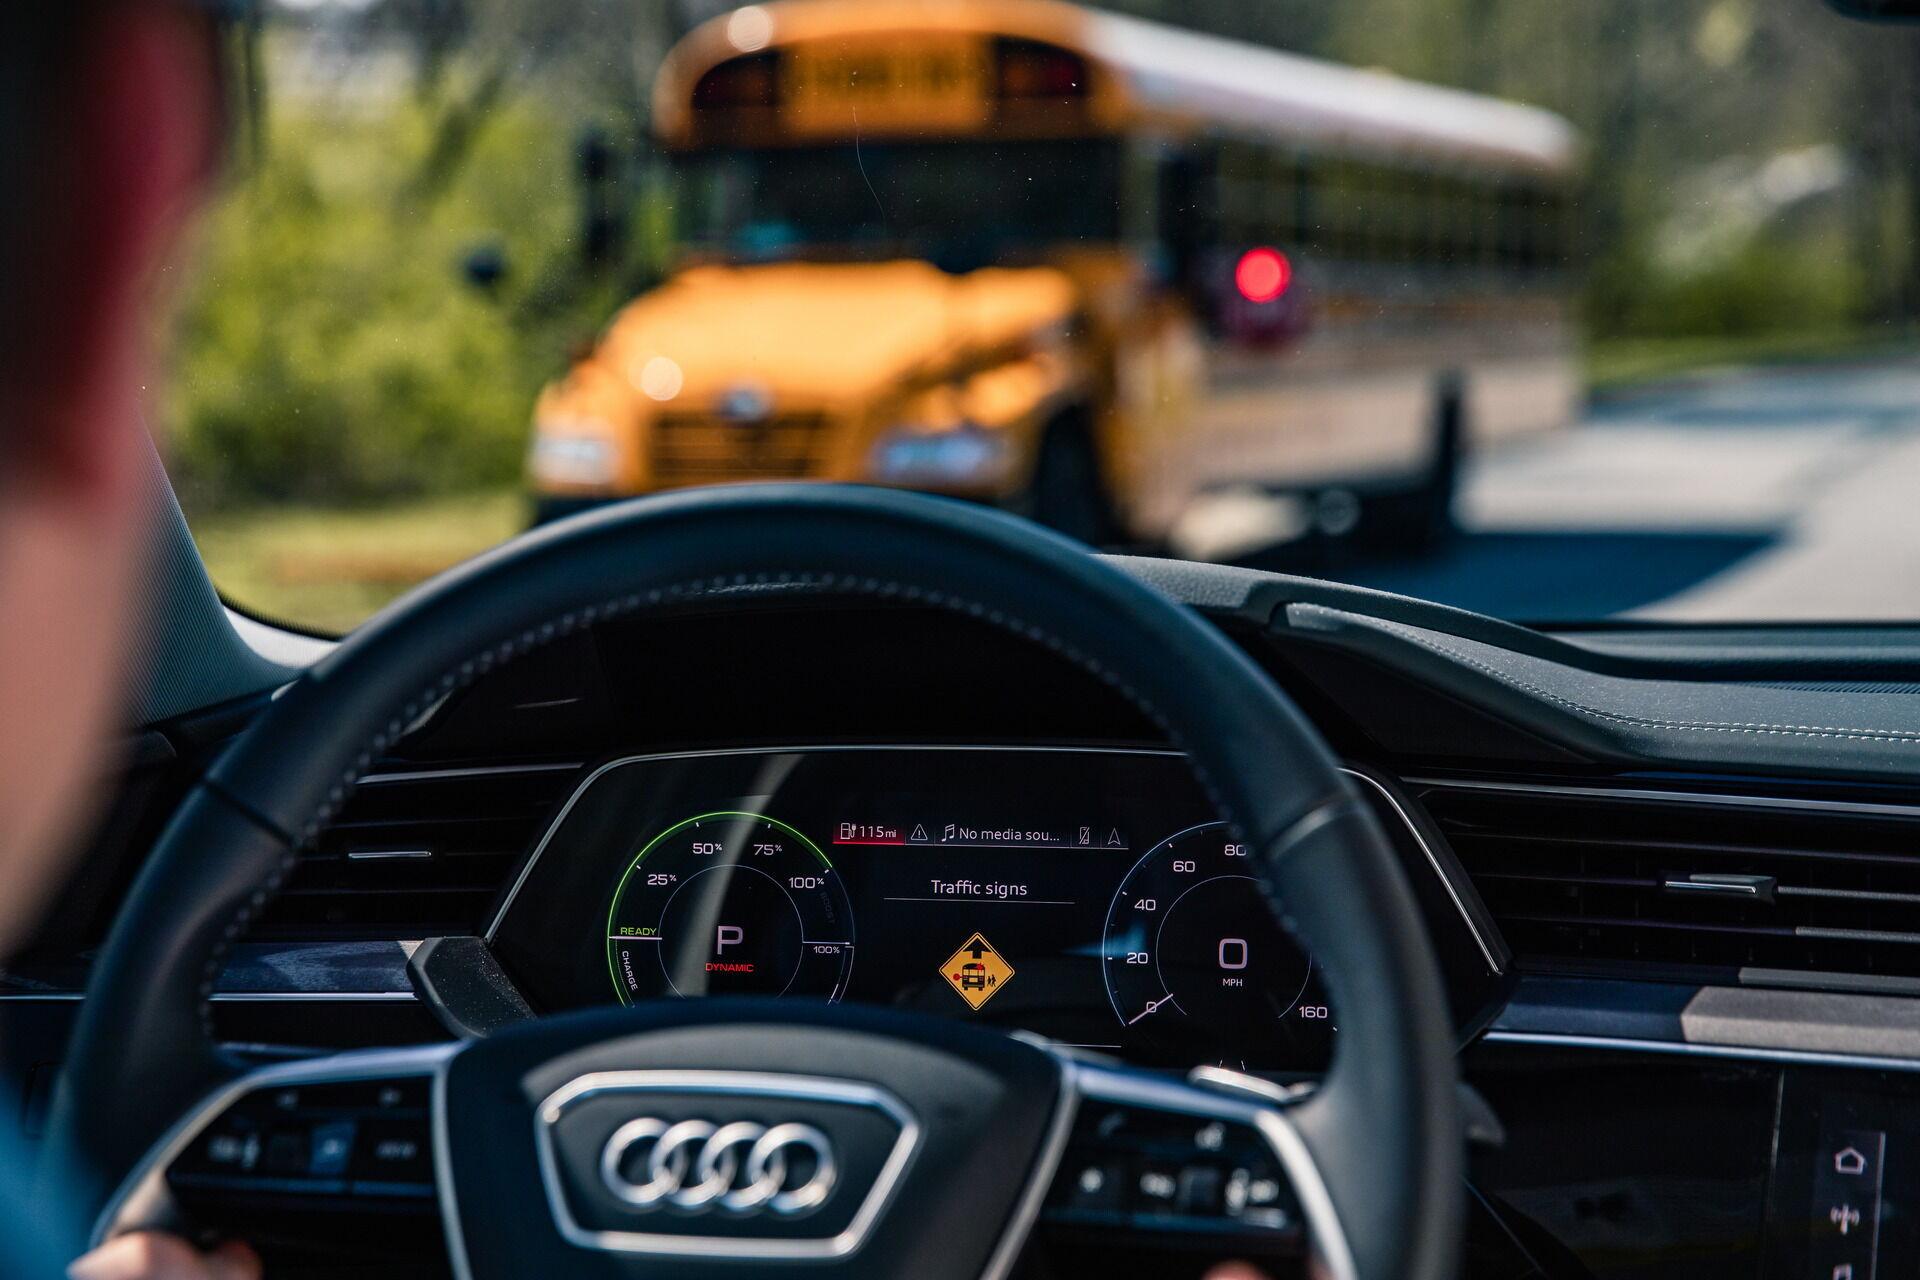 Шкільні автобуси з C-V2X будуть попереджати автомобілі навколо про зупинку